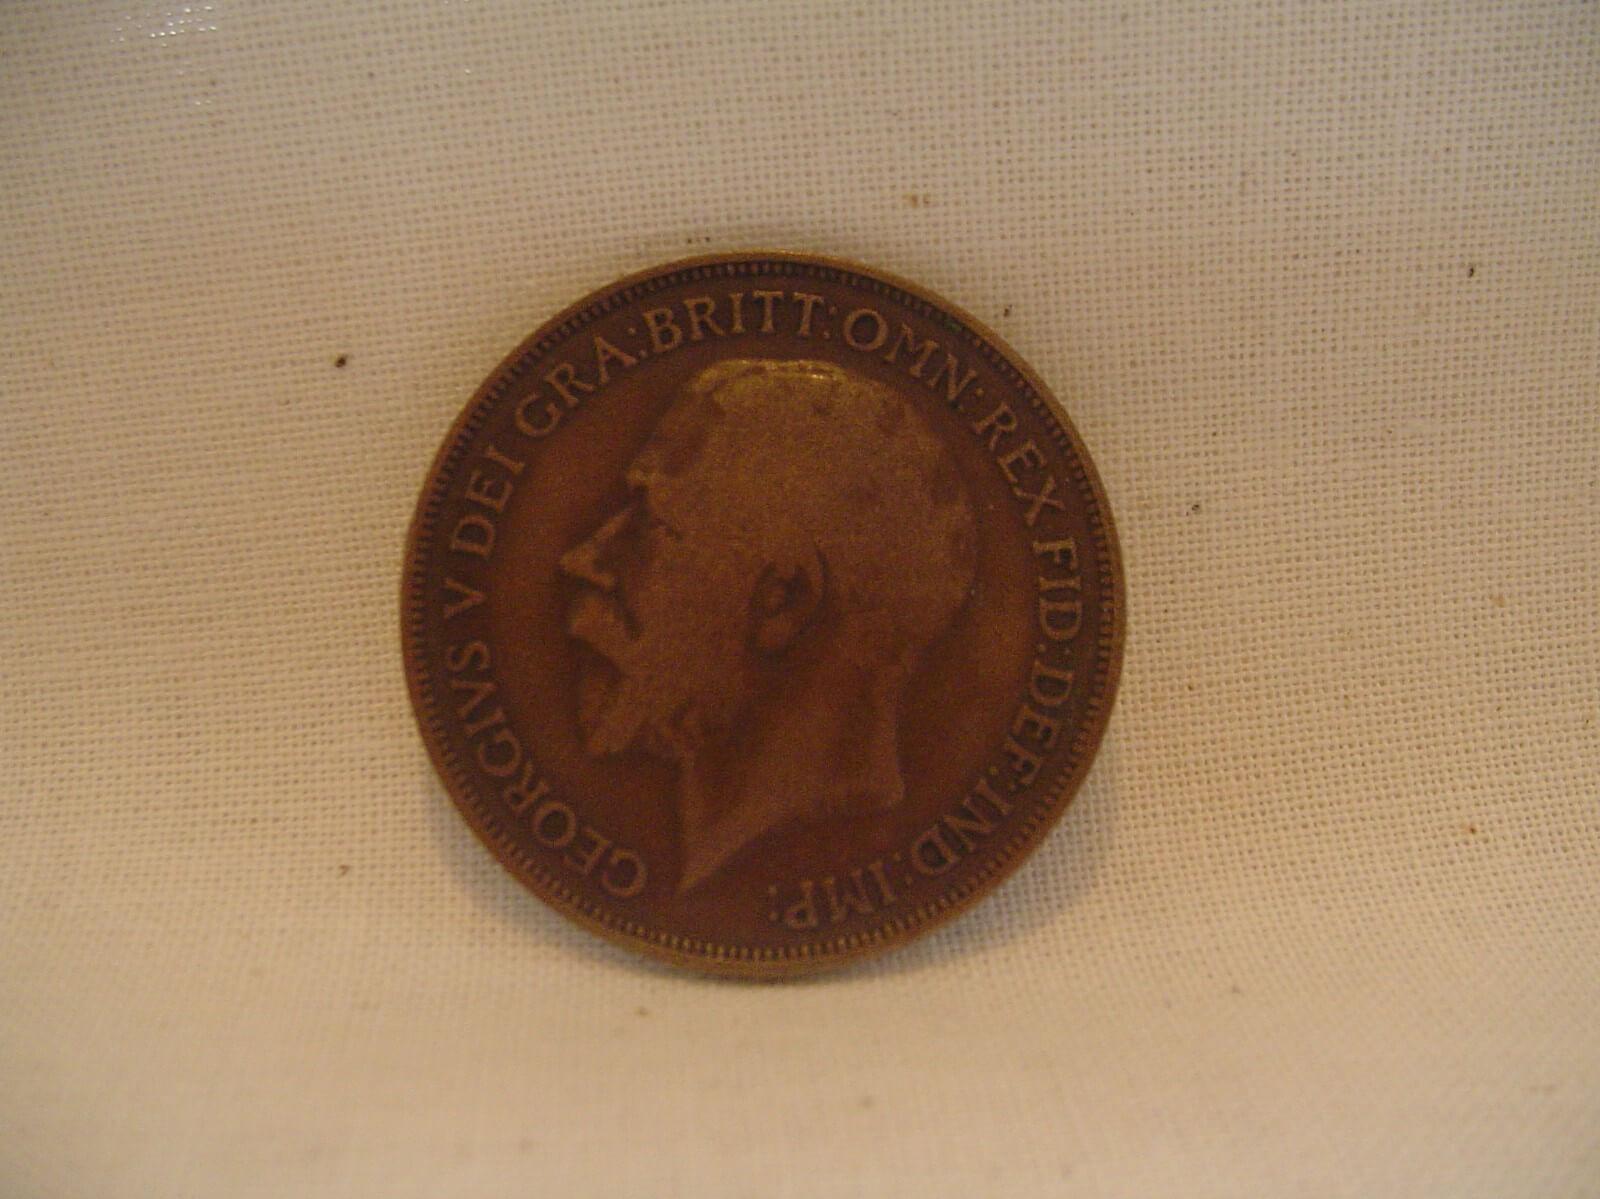 Britse Penny 1915 uit de eerste wereldoorlog wo1